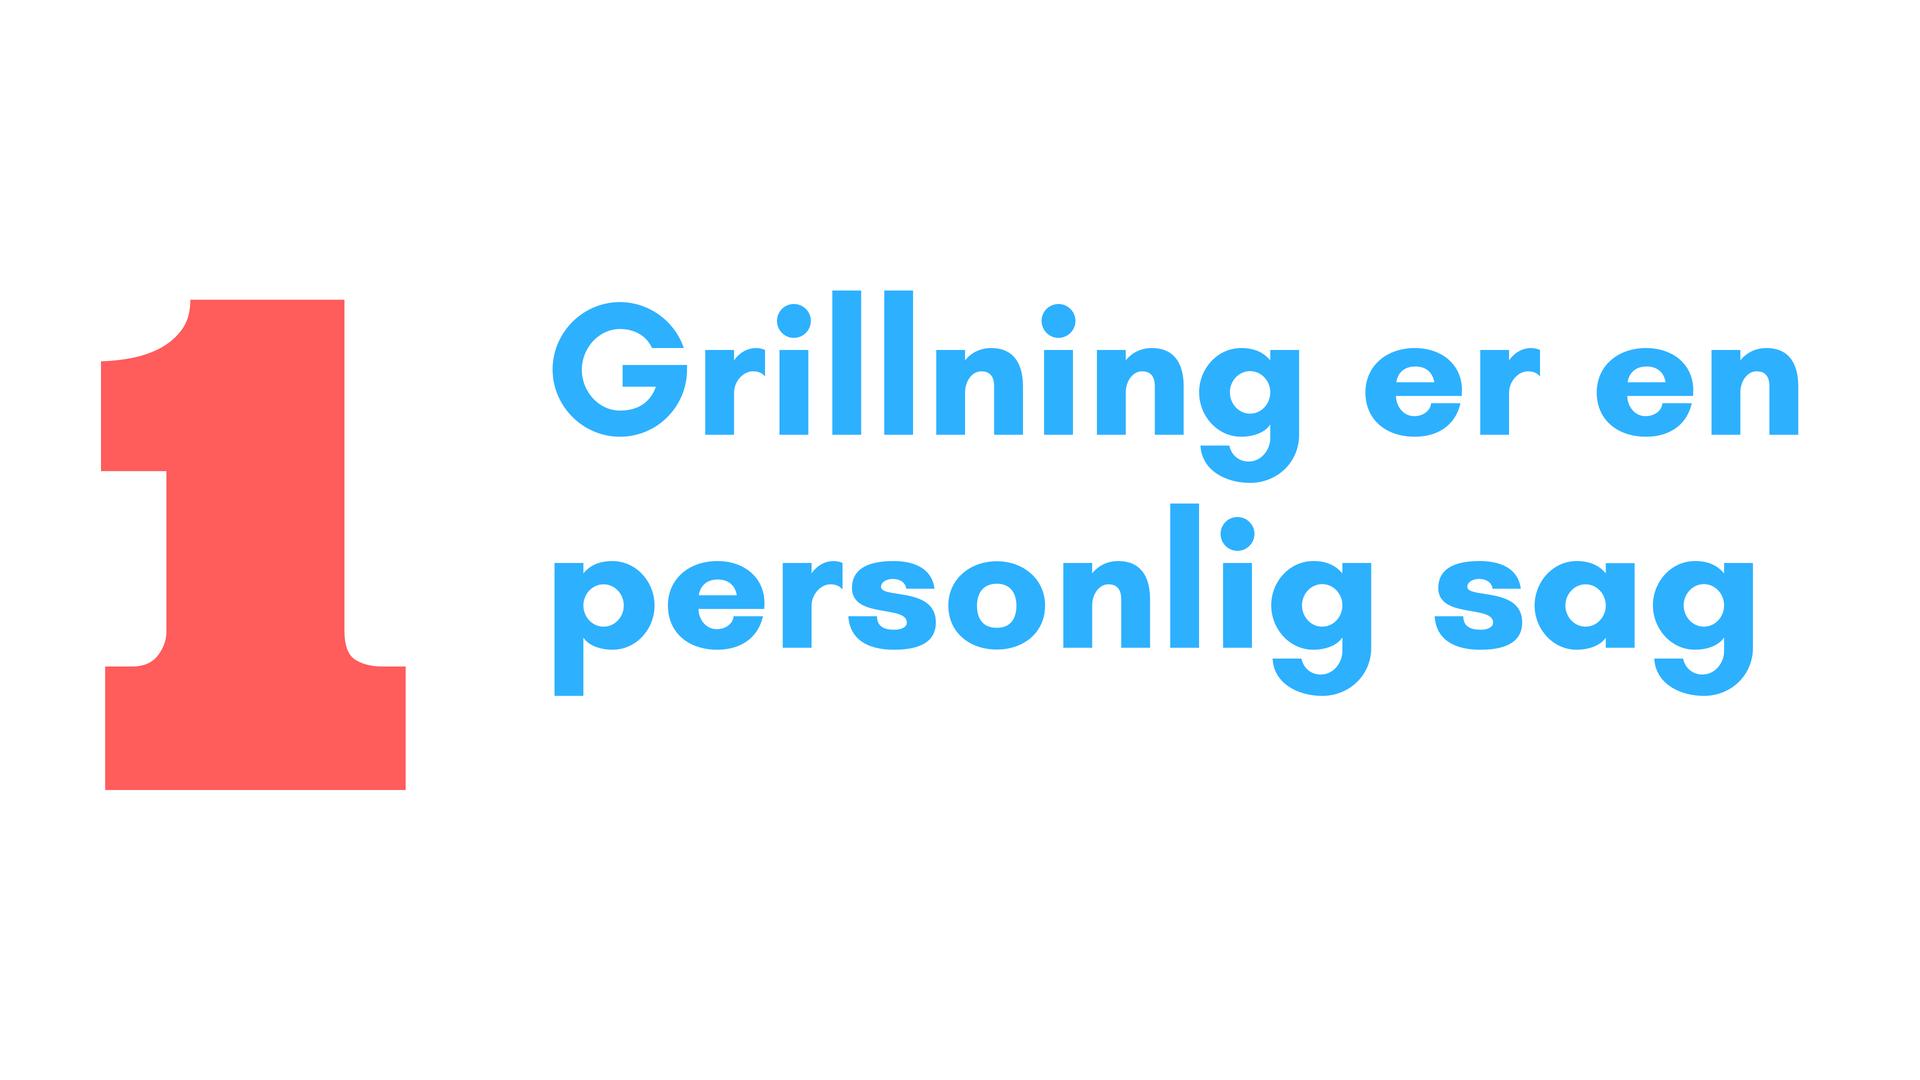 Grilltrend, Grill, Mad, Kød, Madlavning, Kogebog, Weber, Grillmad, Personlighed, Grillmester